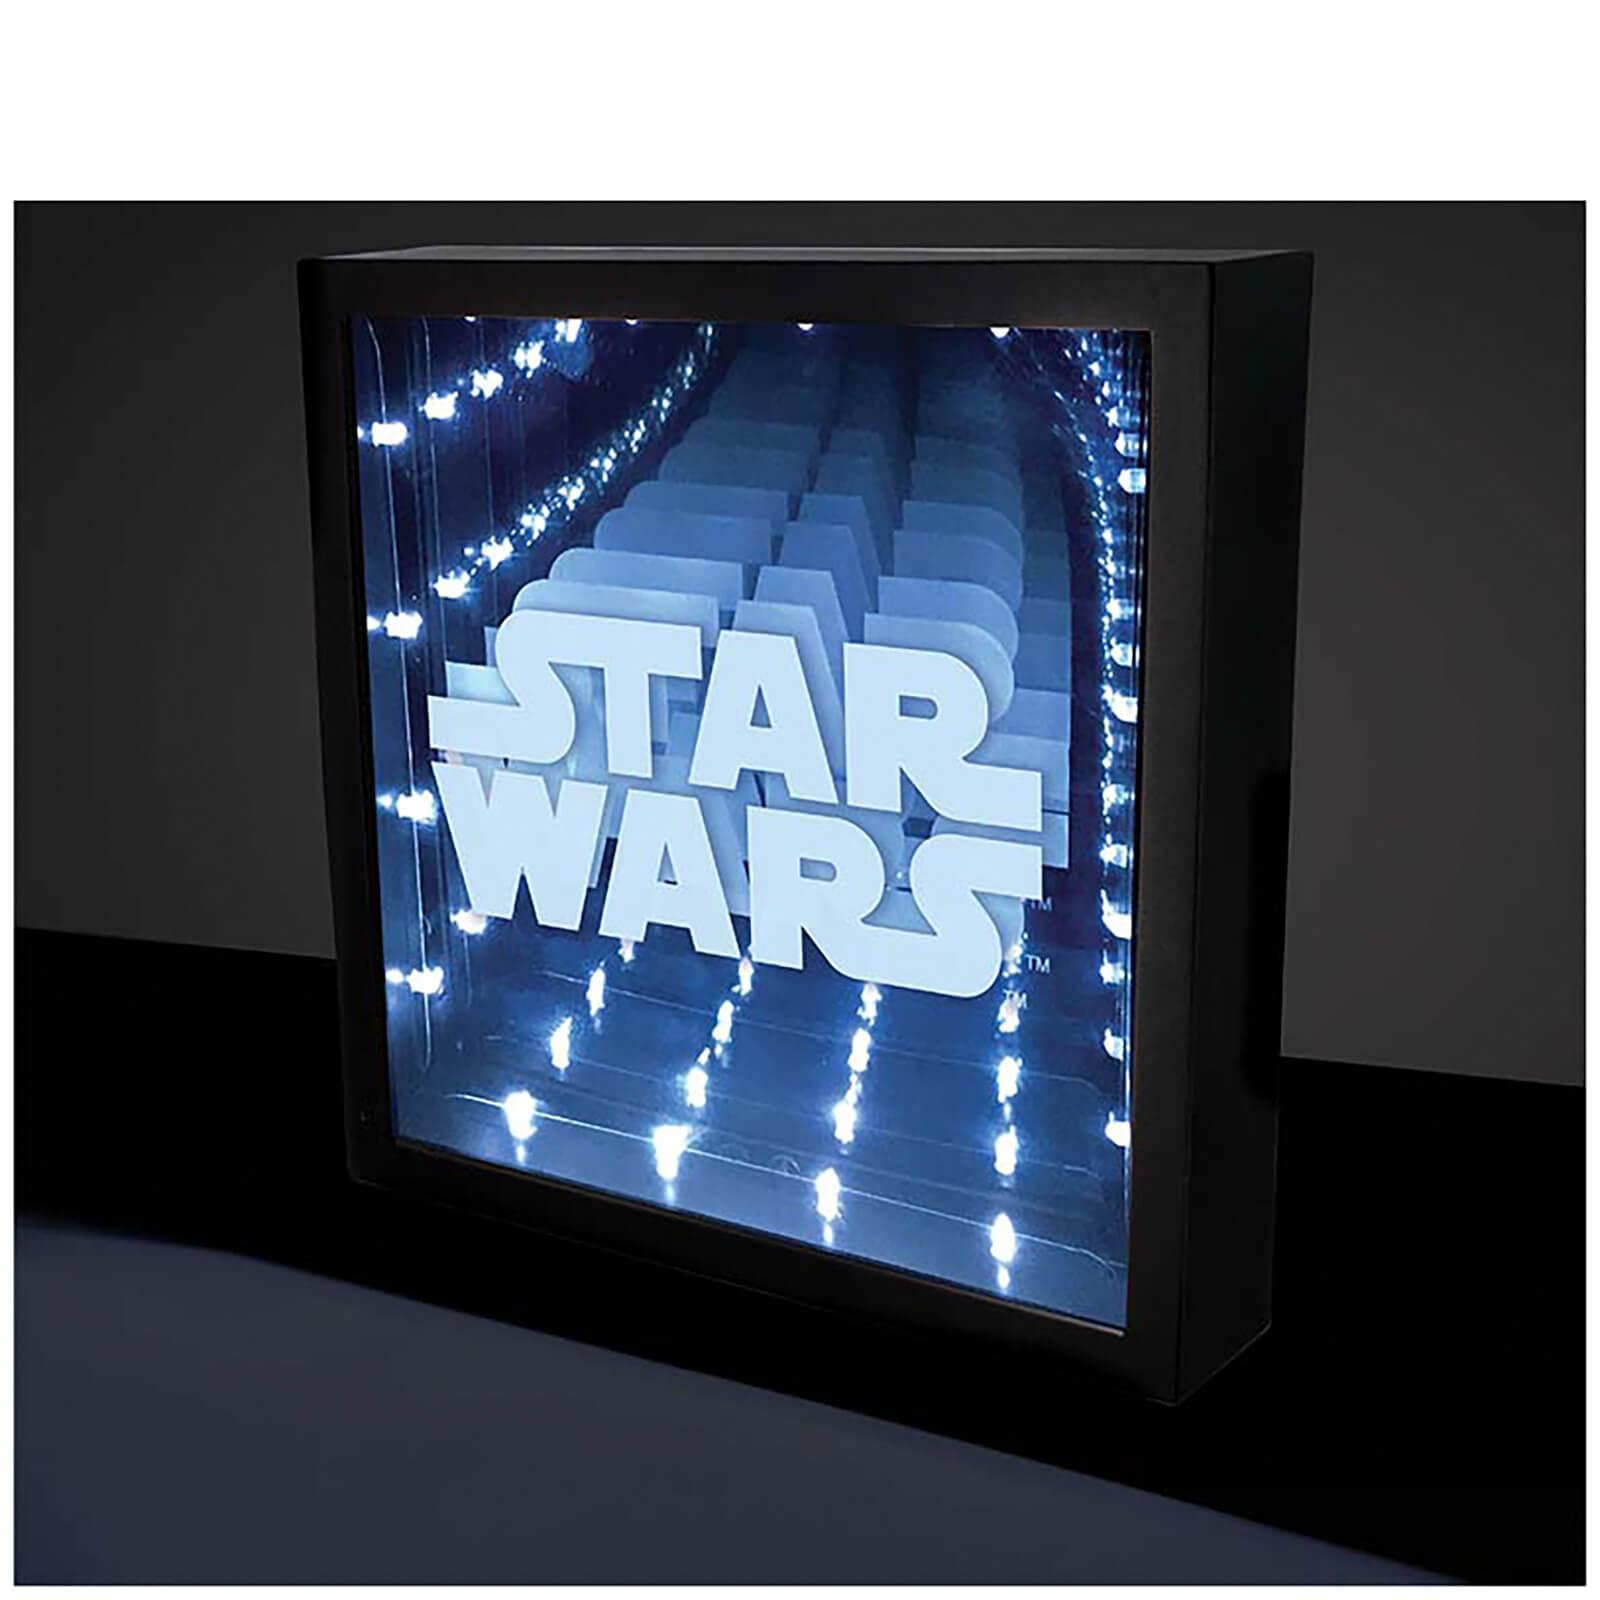 Star Wars Unendlichkeitslicht für 9,88€ inkl. Versand (Zavvi)